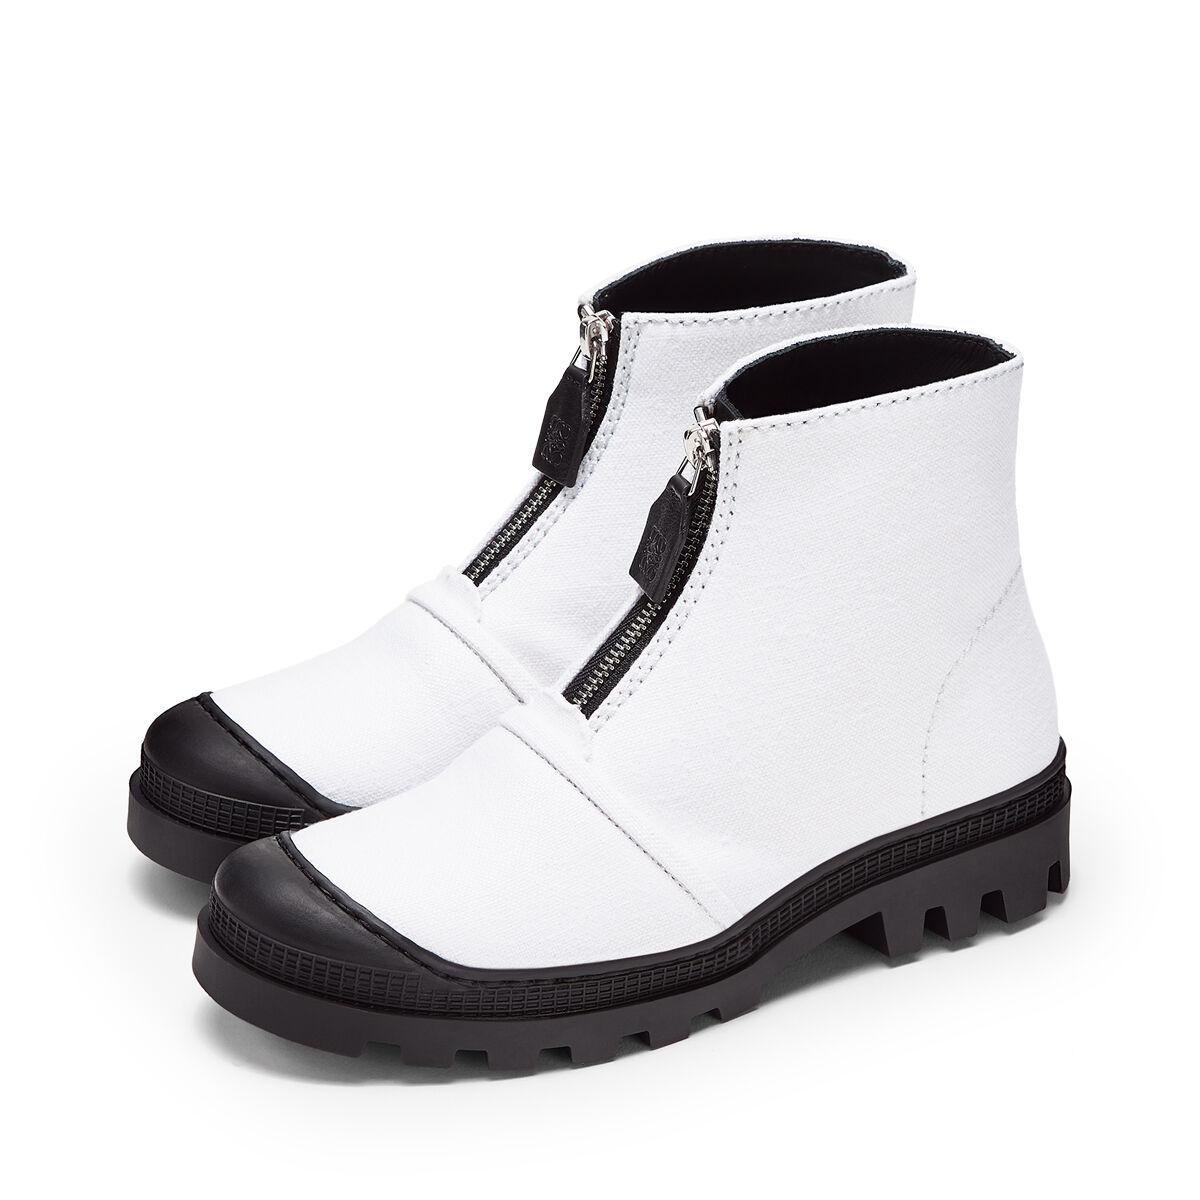 LOEWE Zip Boot White all